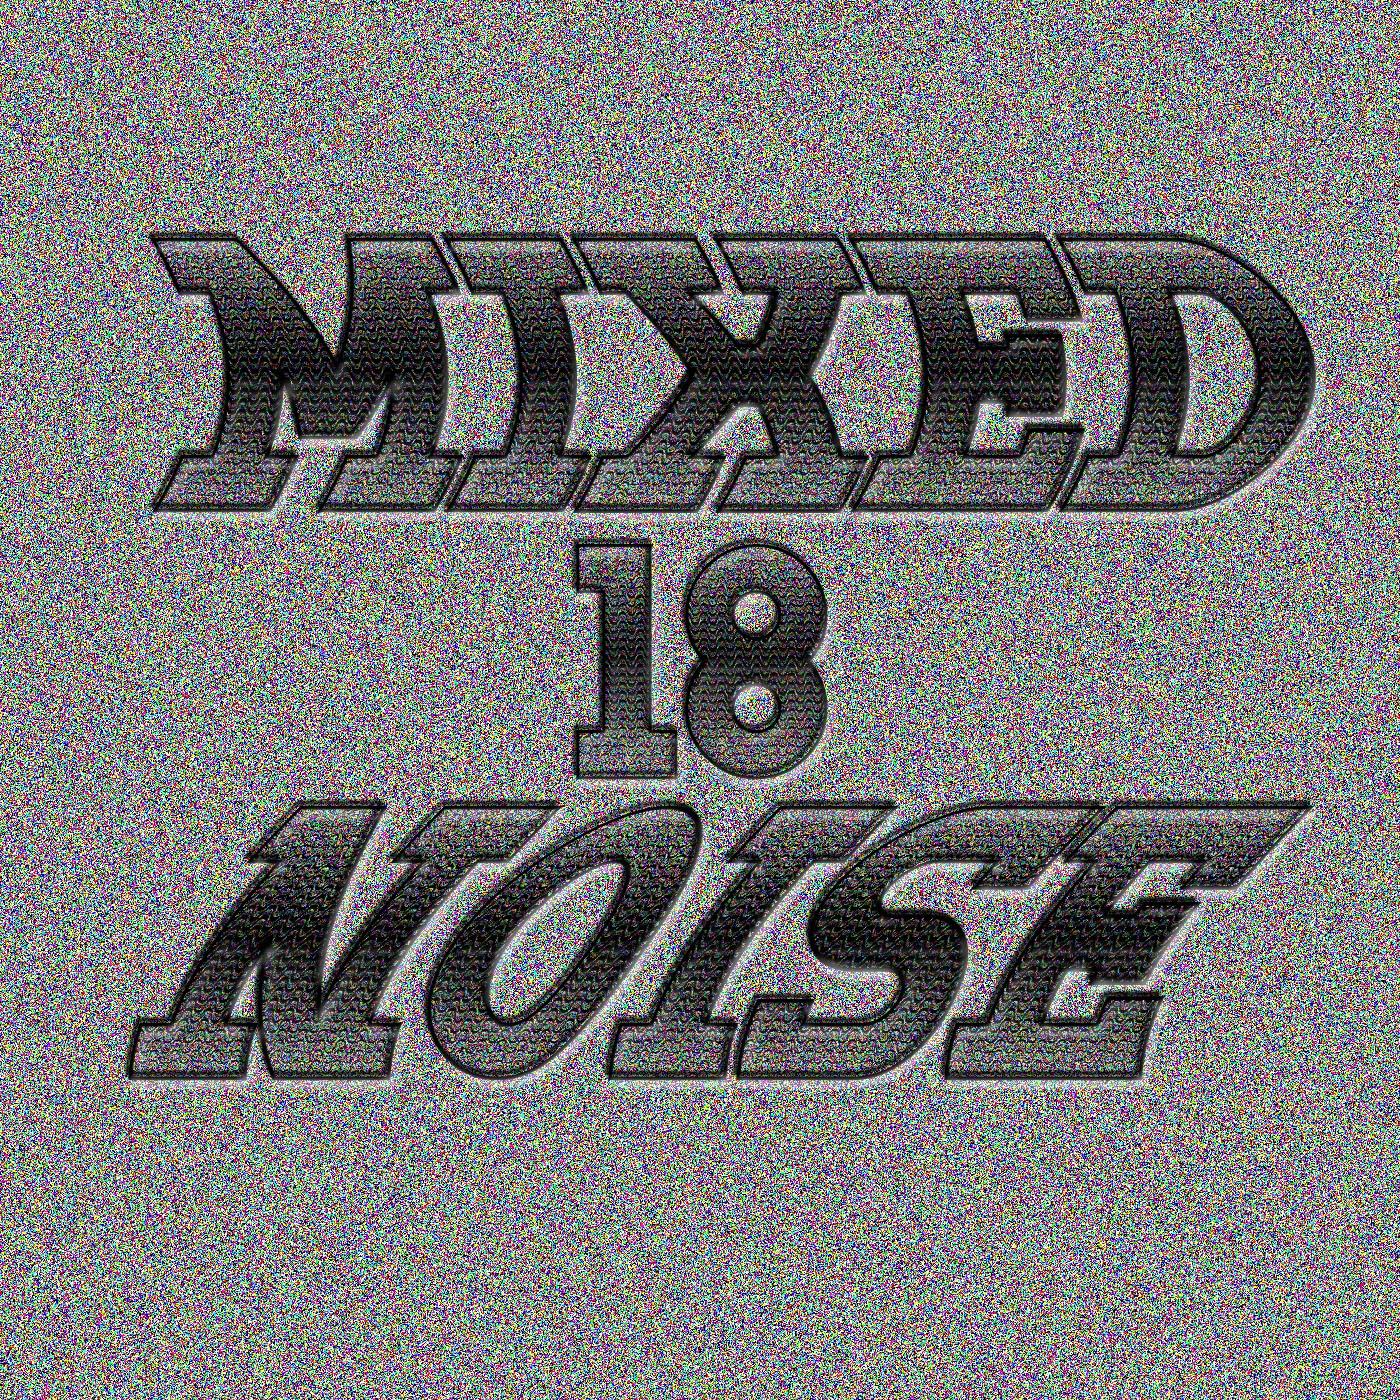 mixednoiselogo18